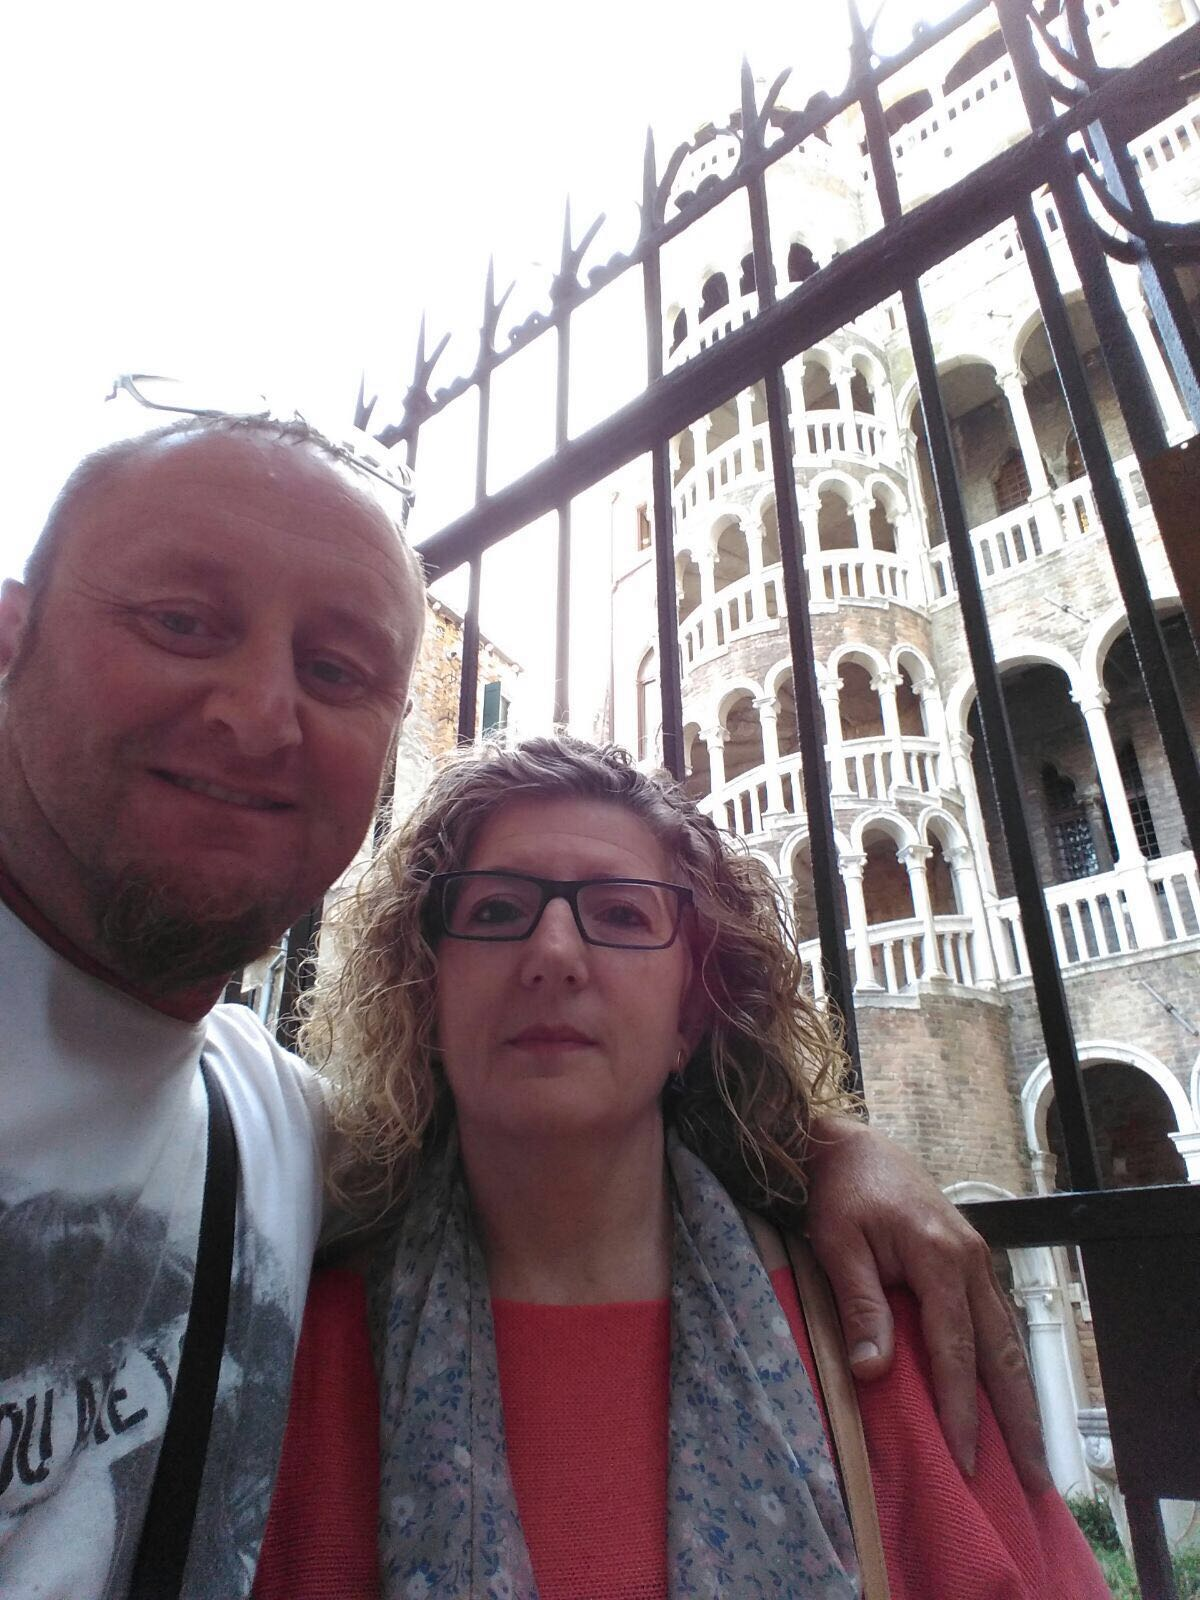 Federic y Carmen han encontrado la escalera del Bobolo del Palacio Contarini de Venecia